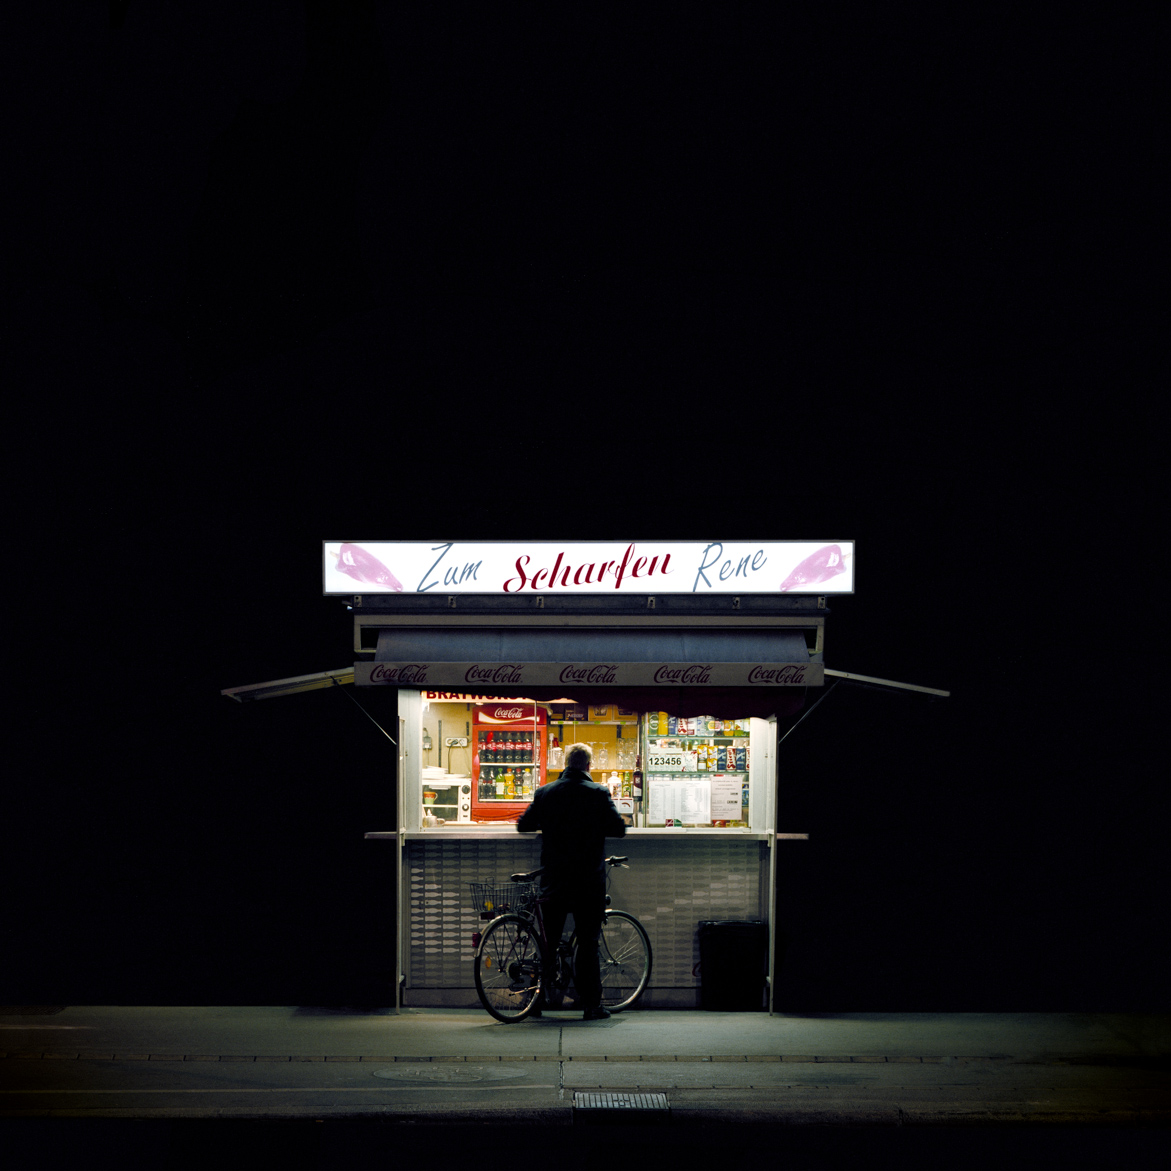 Eiterquellen, i diners viennesi notturni di Stefan Fuertbauer | Collater.al